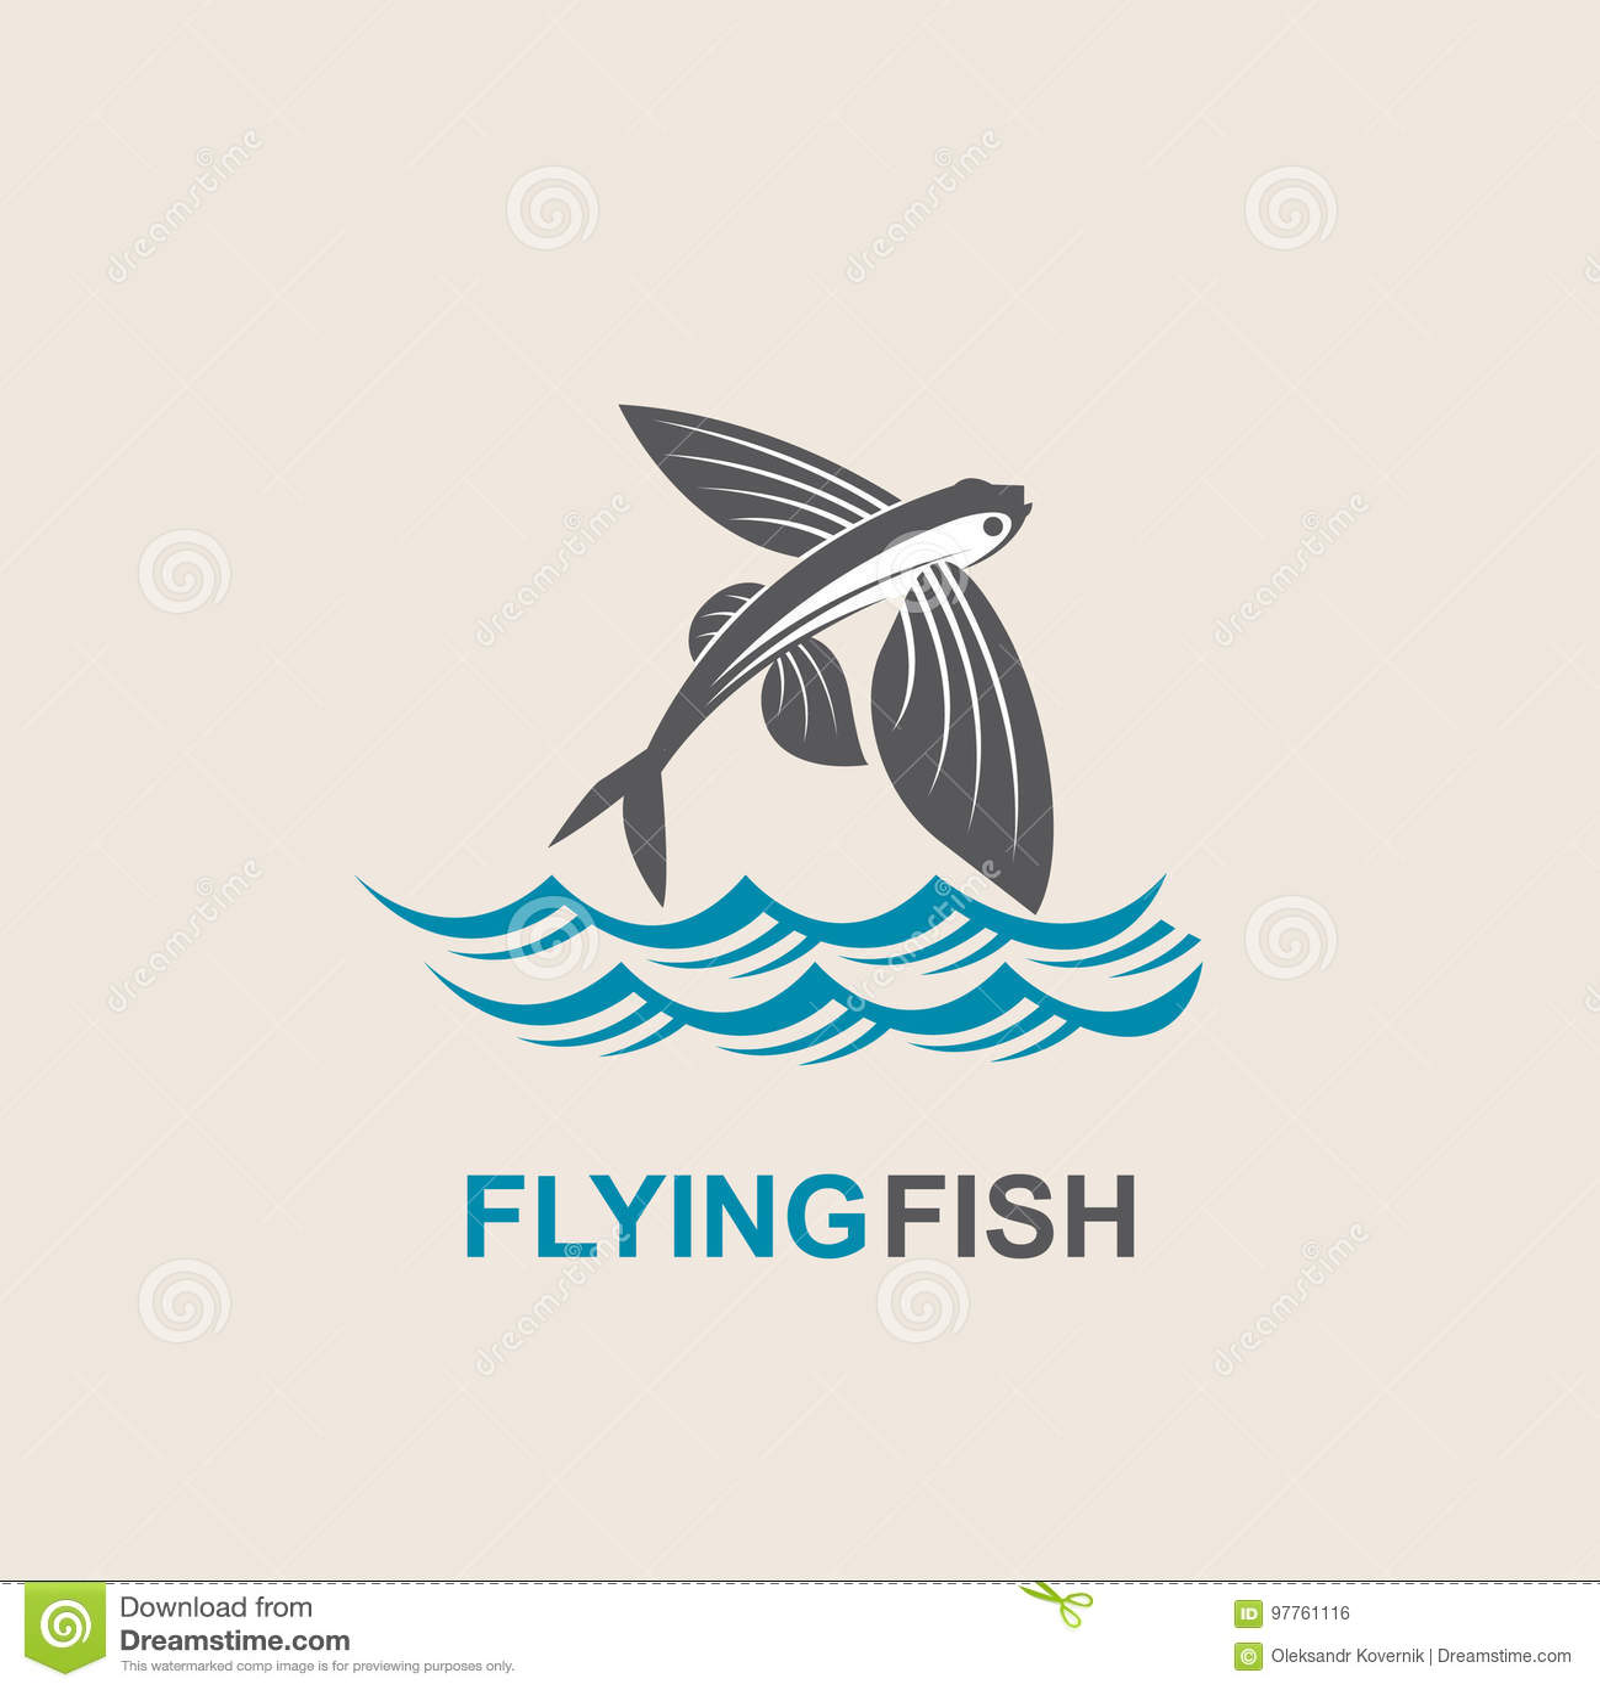 Flying Fish Icon Stock Vector Illustration Of Fishing 97761116